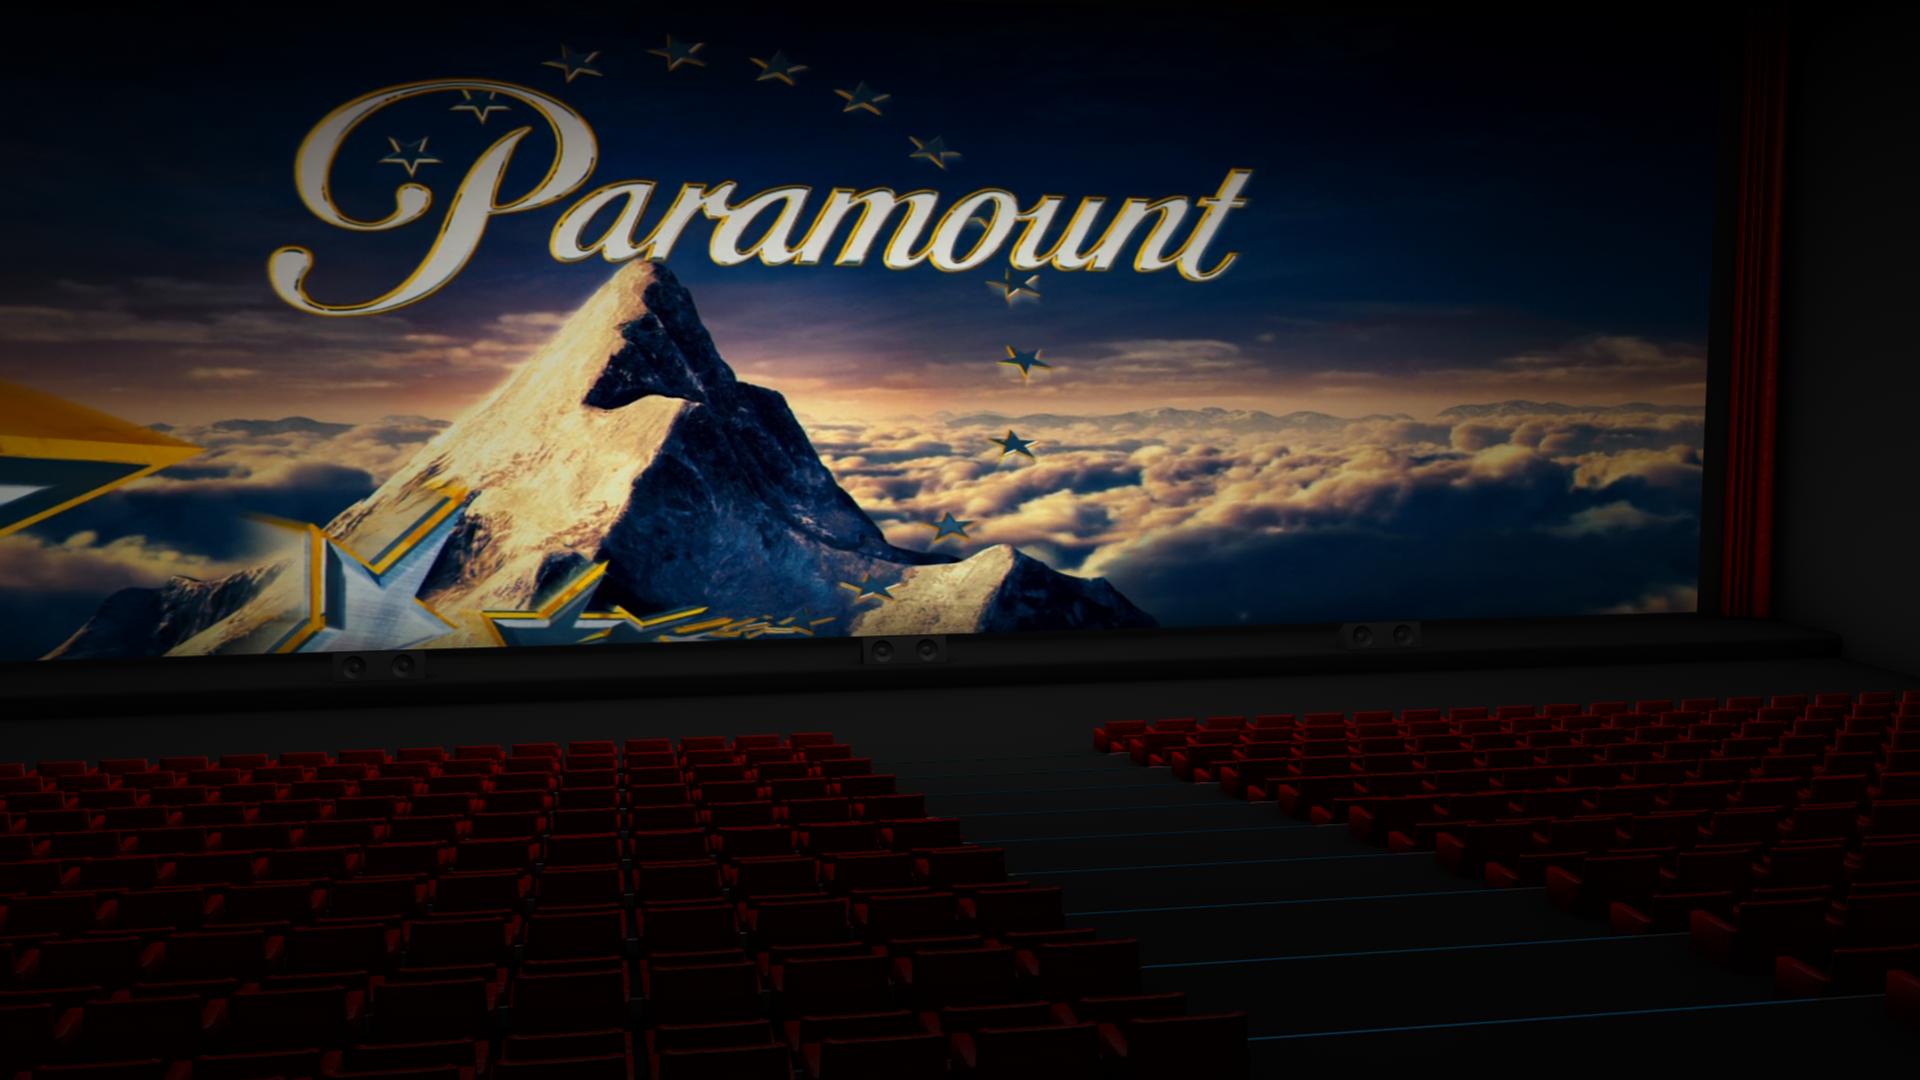 XBMC Movies 1080p by RaySpoint 1920x1080